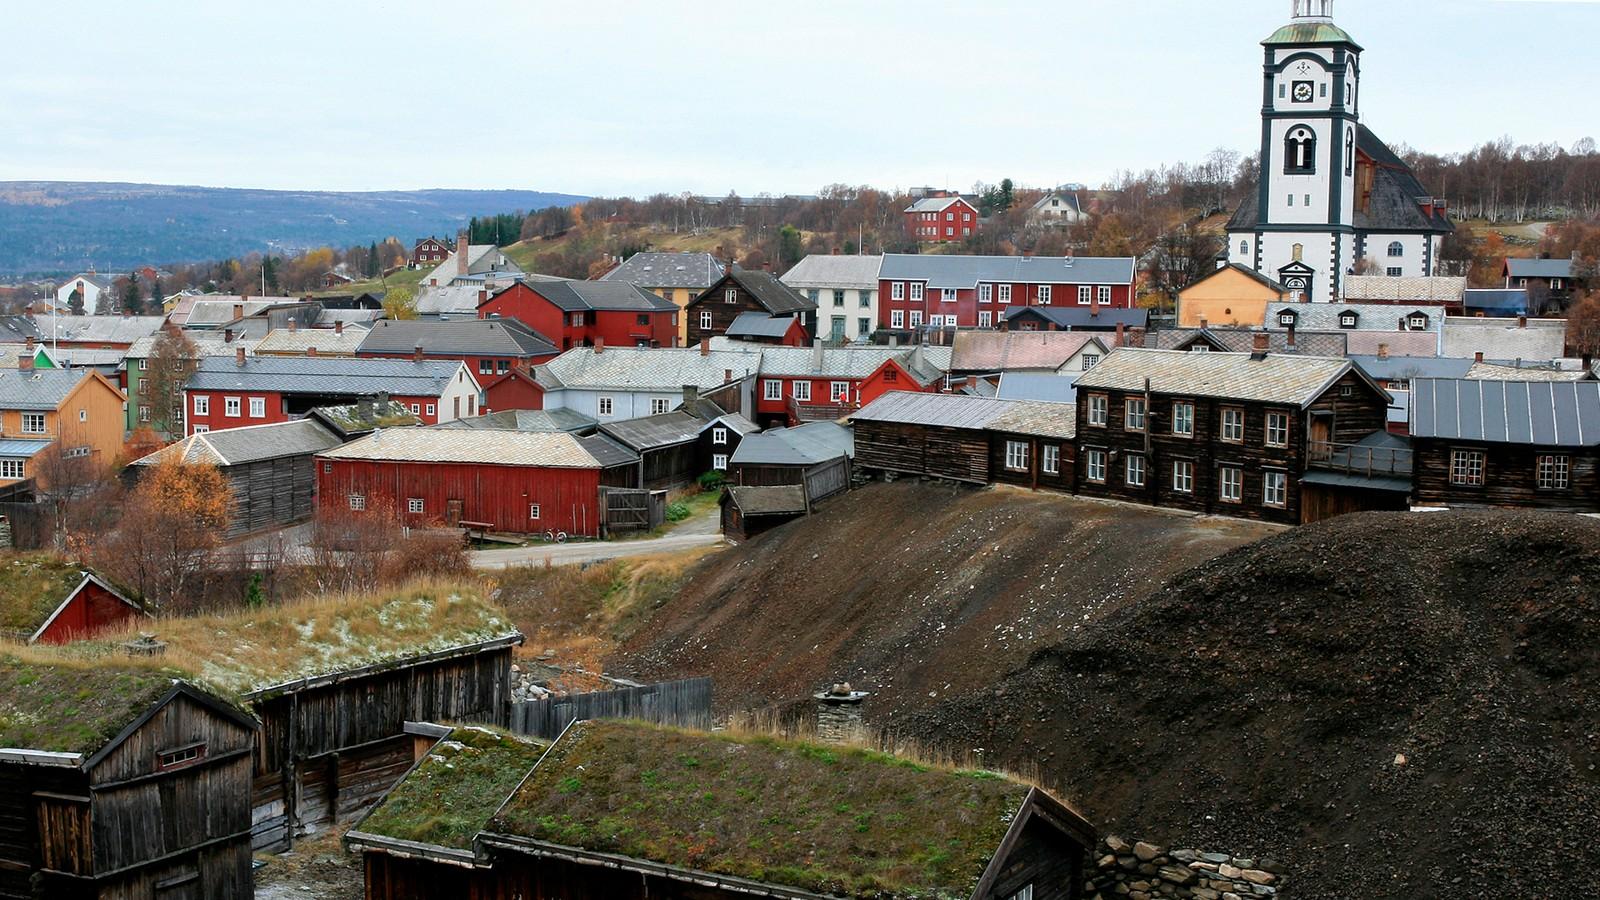 RØROS BERGSTAD: ble skrevet inn på Unescos verdensarvliste i 1980. I 2010 ble området utvidet til også å omfatte Circumferensen, områdene rundt bergstaden.